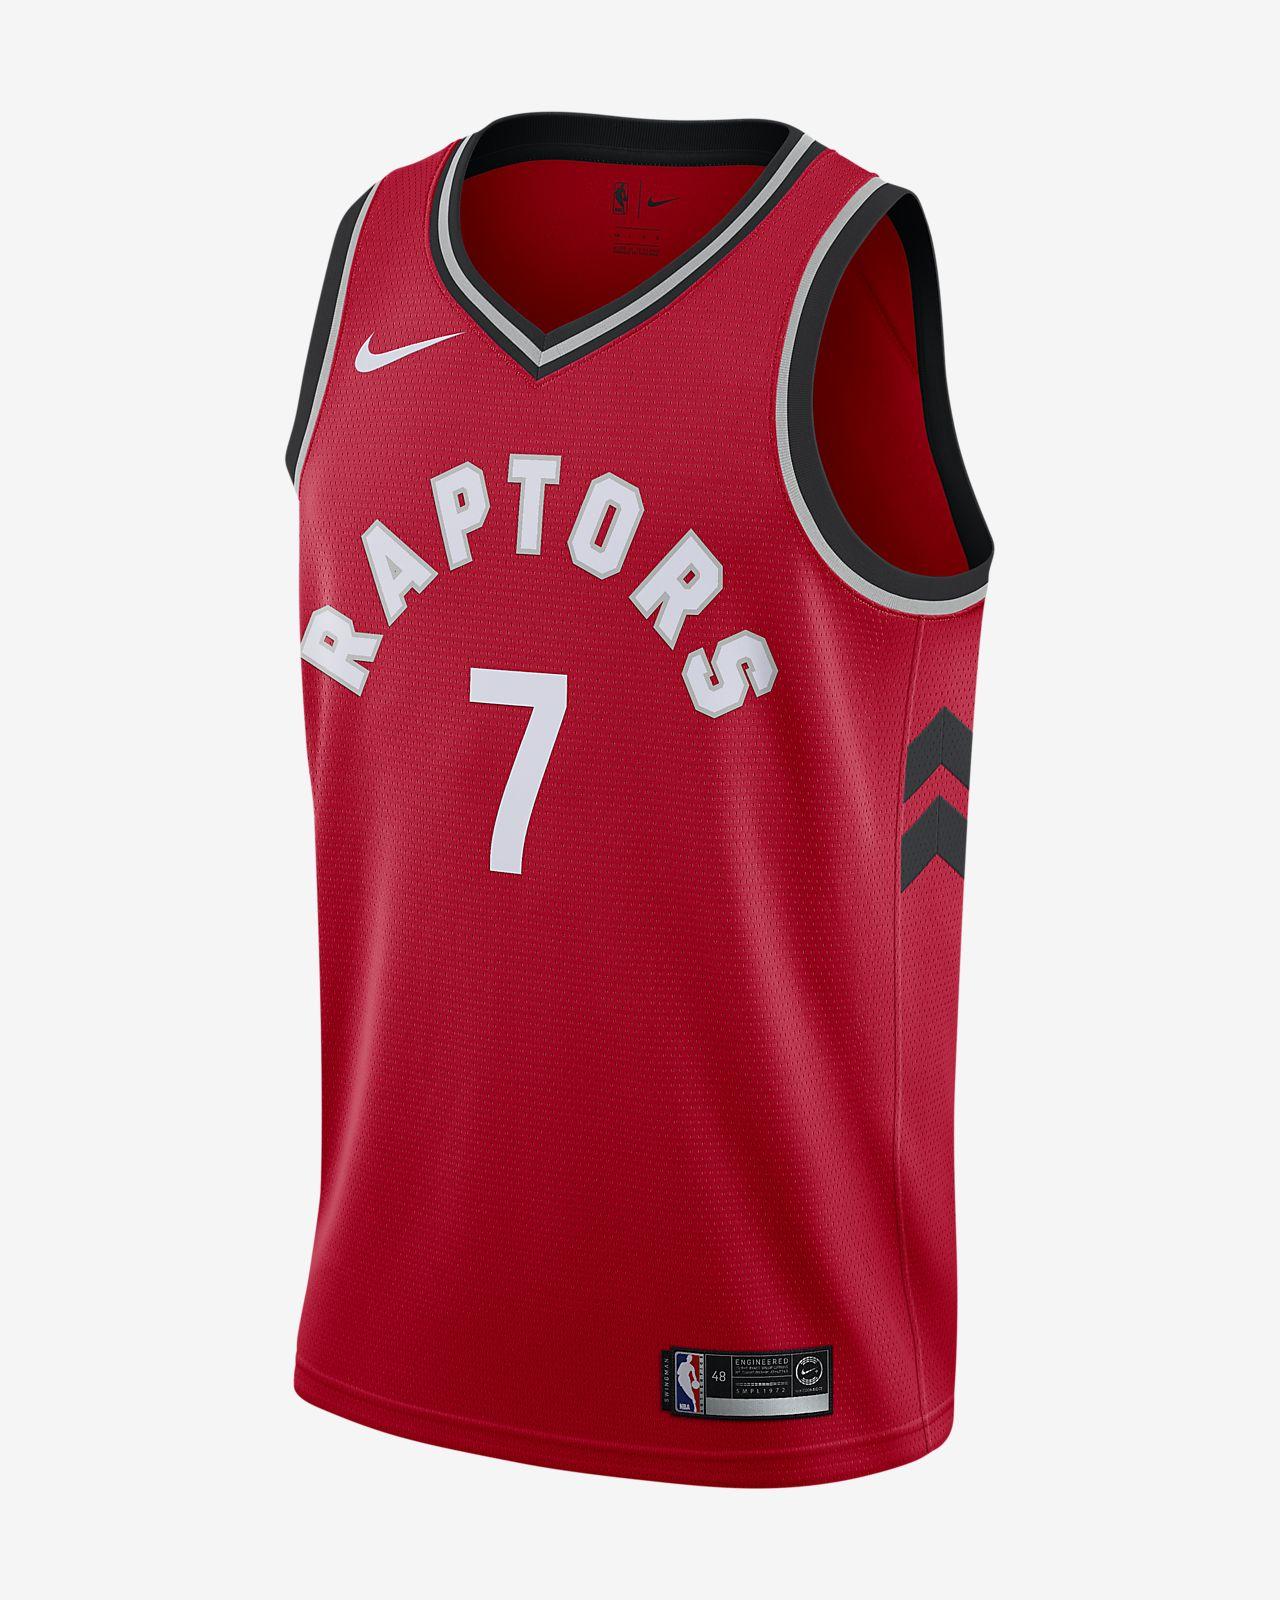 カイル ラウリー ラプターズ アイコン エディション ナイキ NBA スウィングマン ジャージー